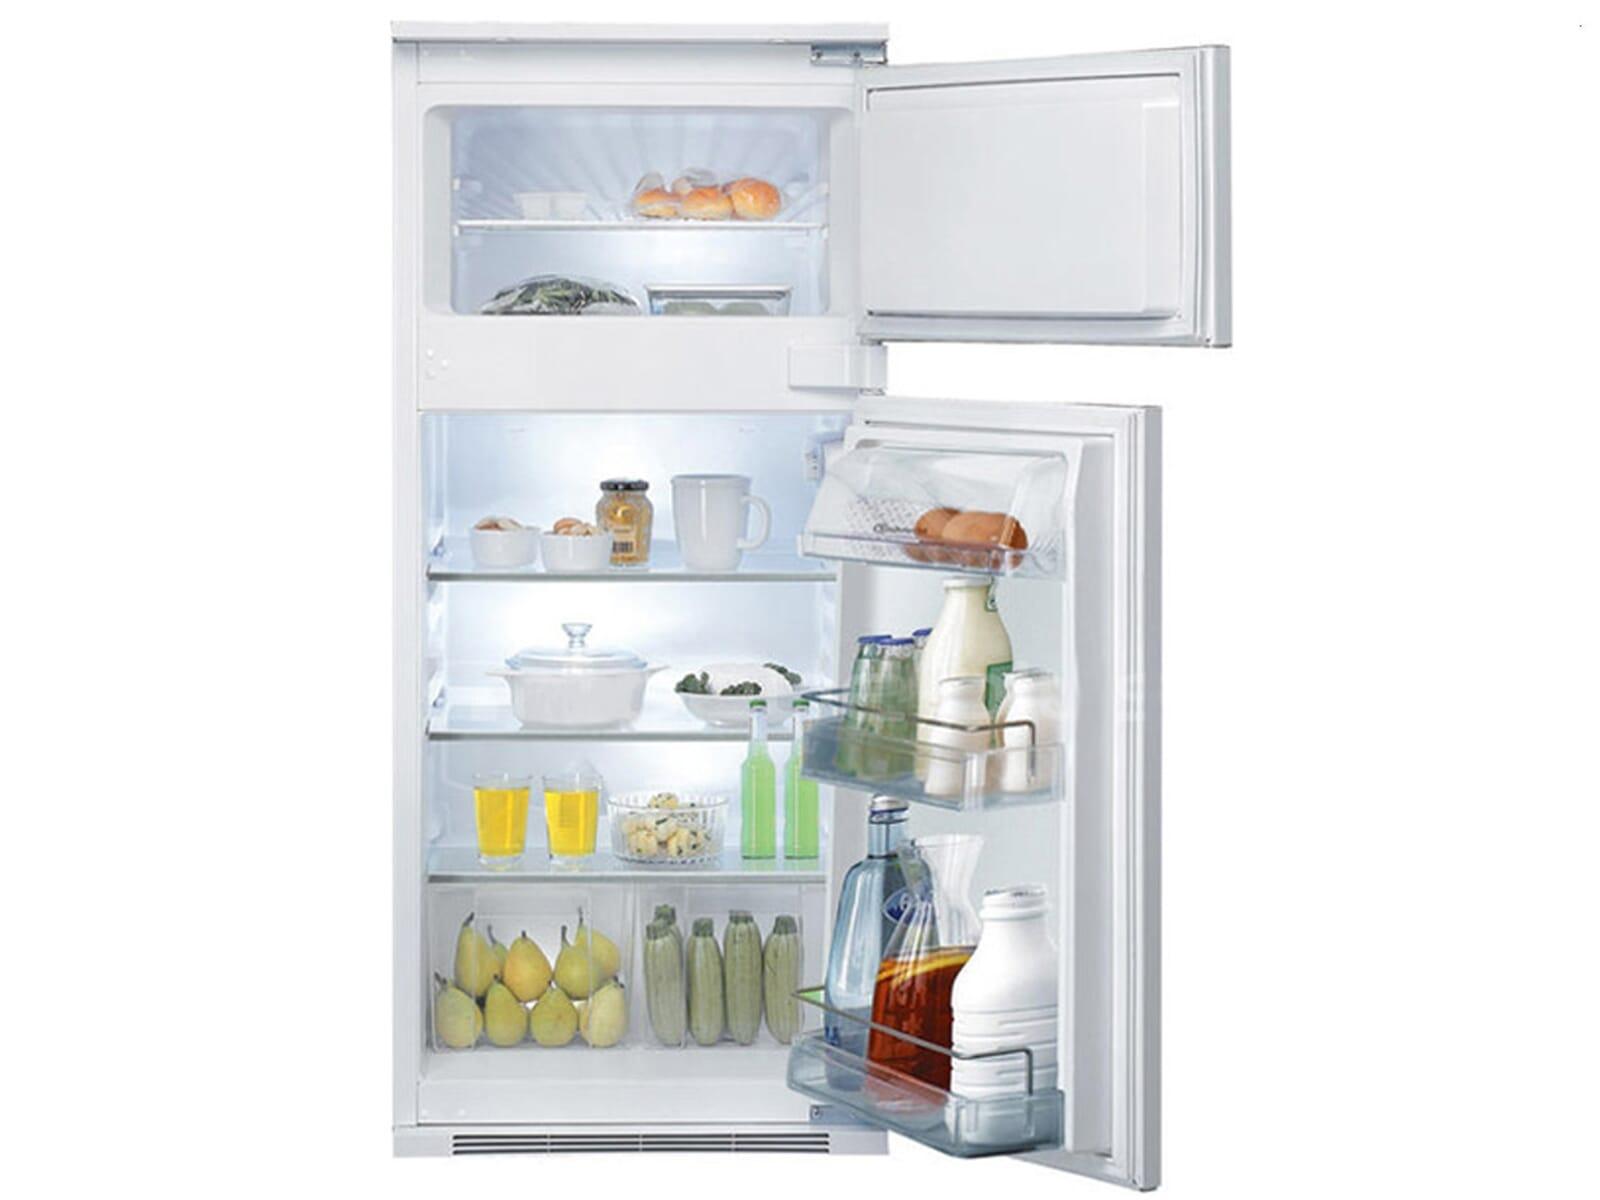 Miniküche Mit Kühlschrank Bauknecht : Küche kühlschrank einbauen luxus einbauküche ikea road